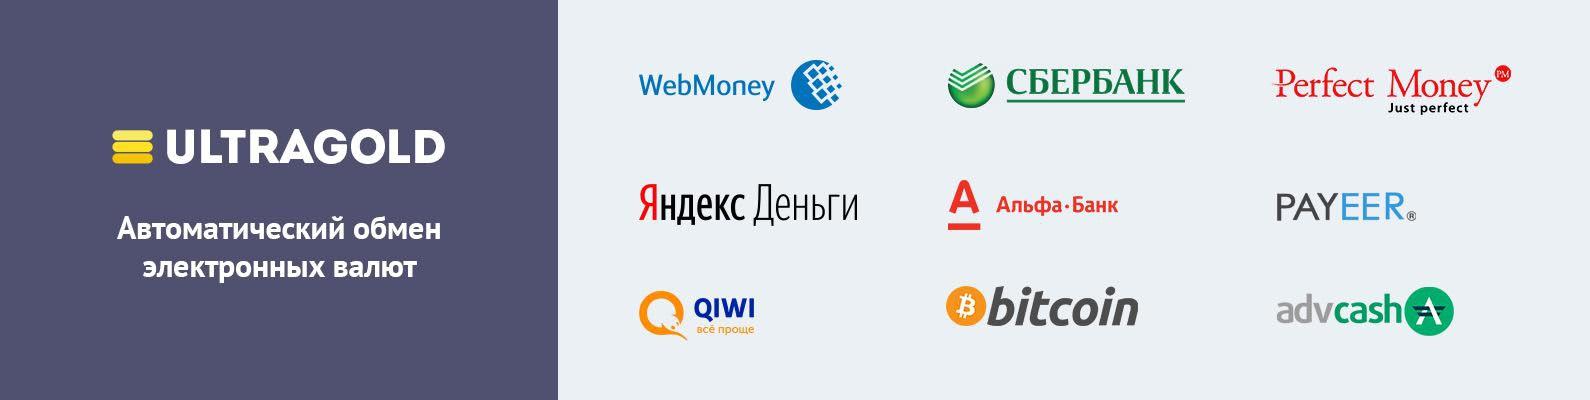 Visa обмен рублей на доллары в русских